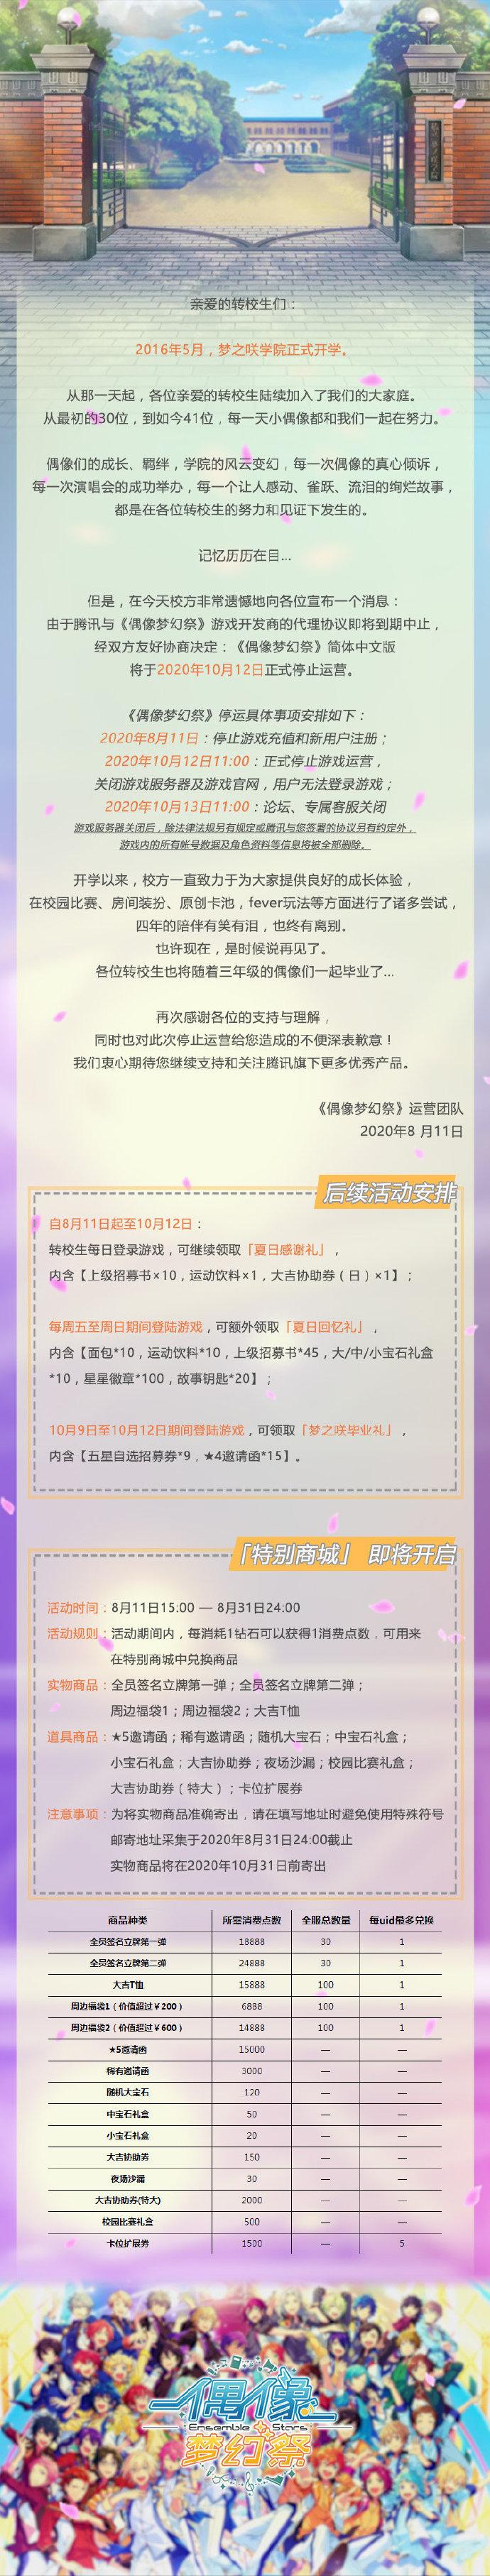 《偶像梦幻祭》退市公告:协议将到期、10月正式停止运营